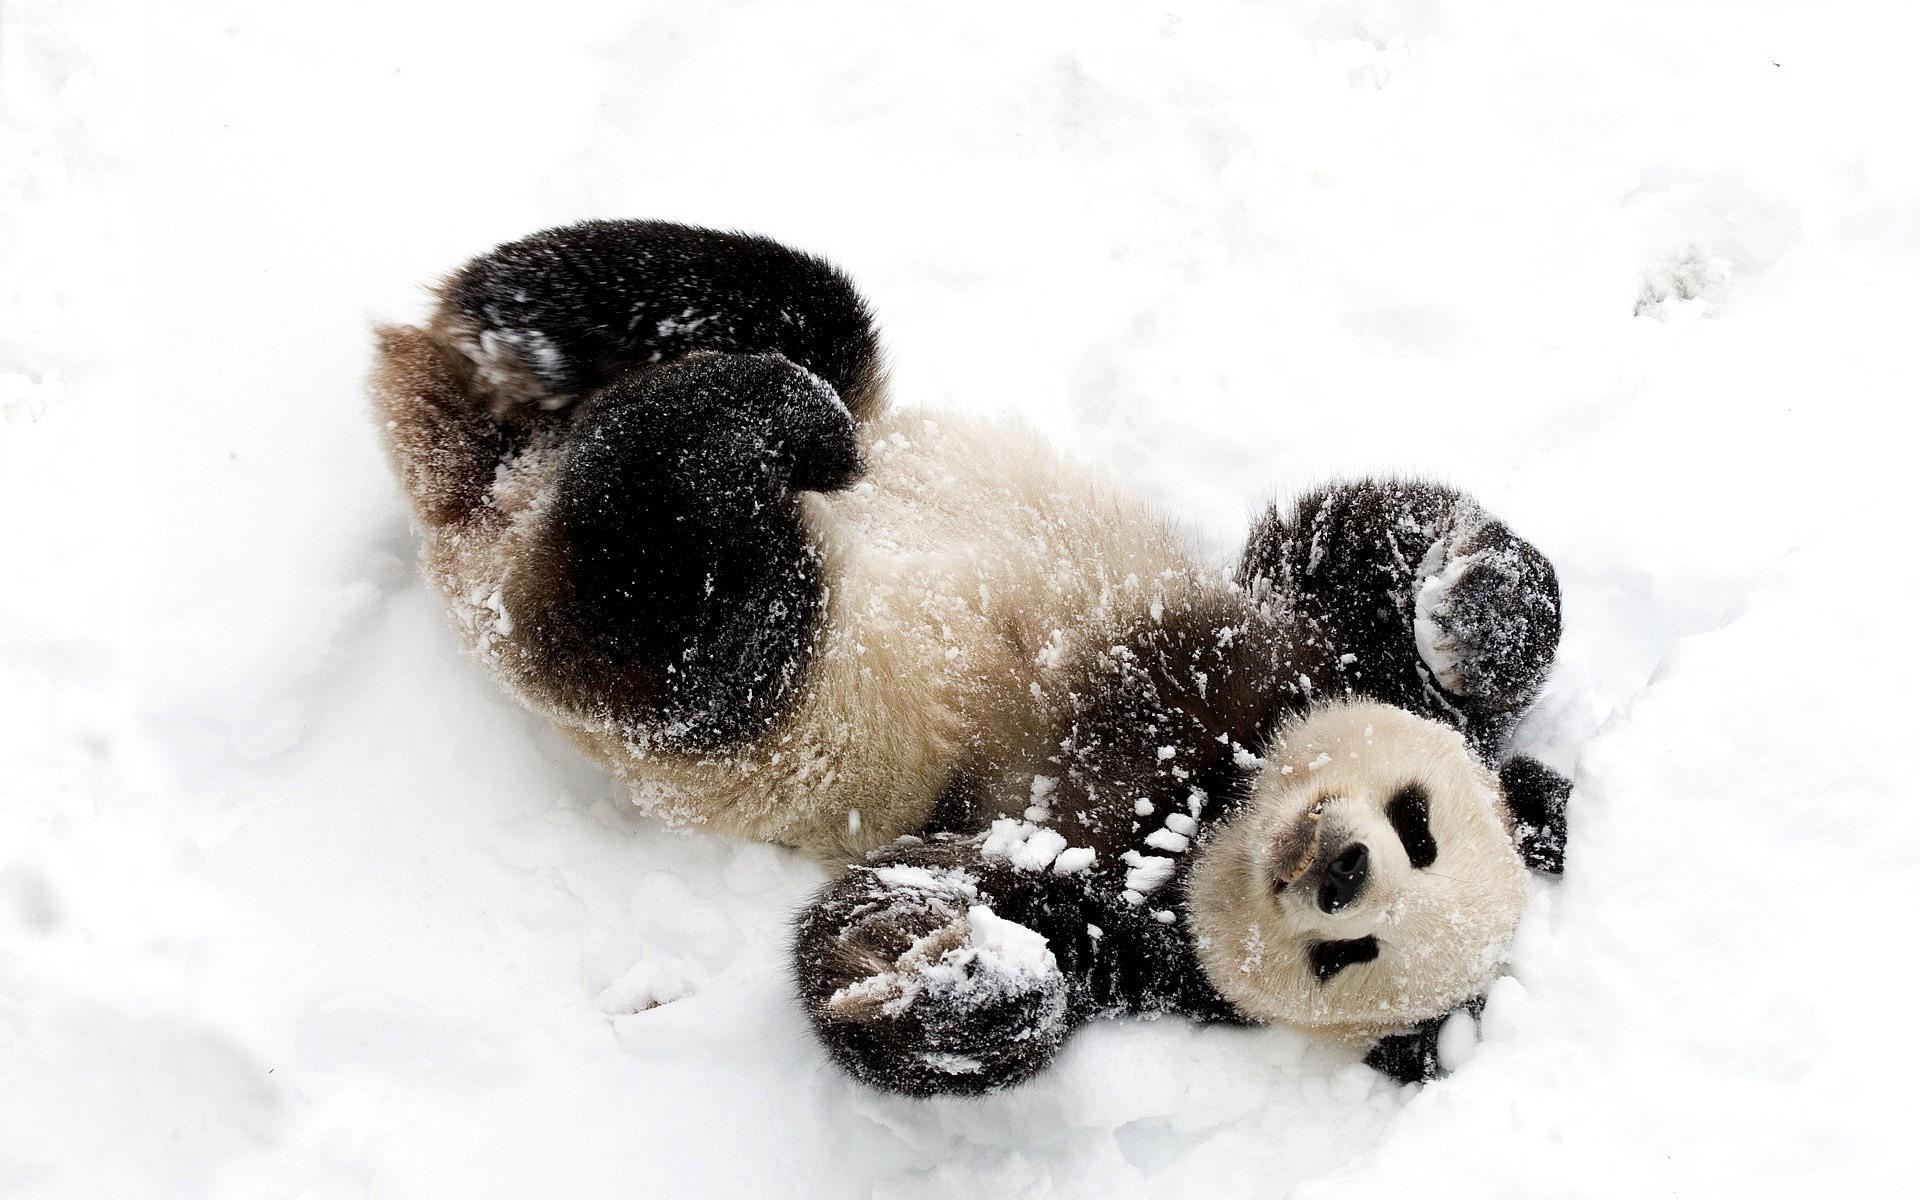 panda wallpaper for computer